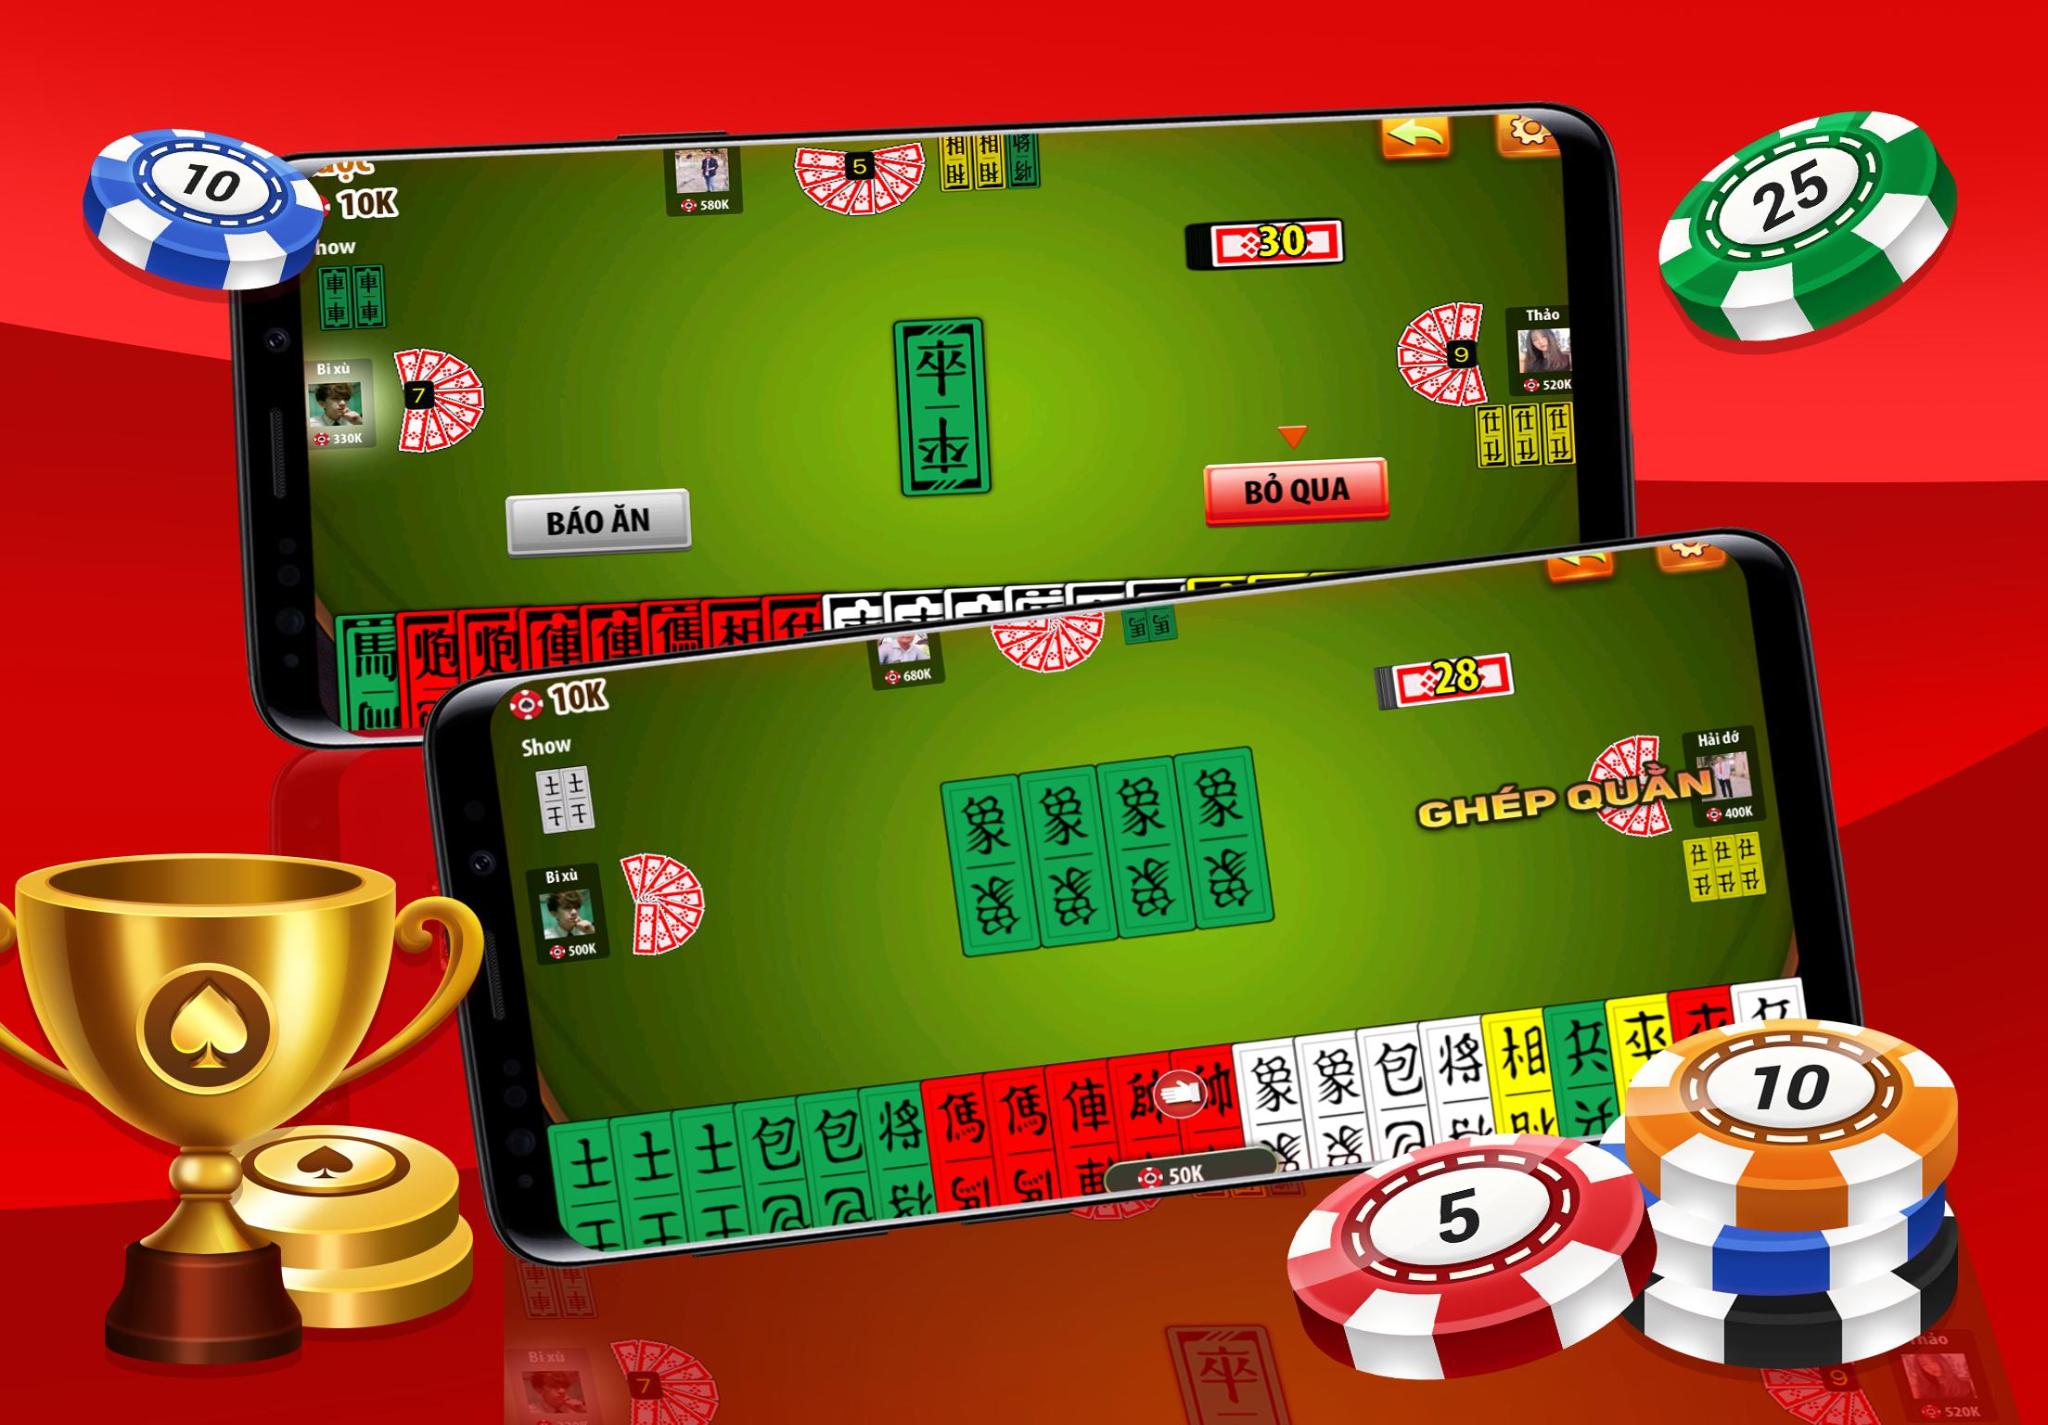 Người chơi cần nắm rõ cách tính điểm khi chơi bài